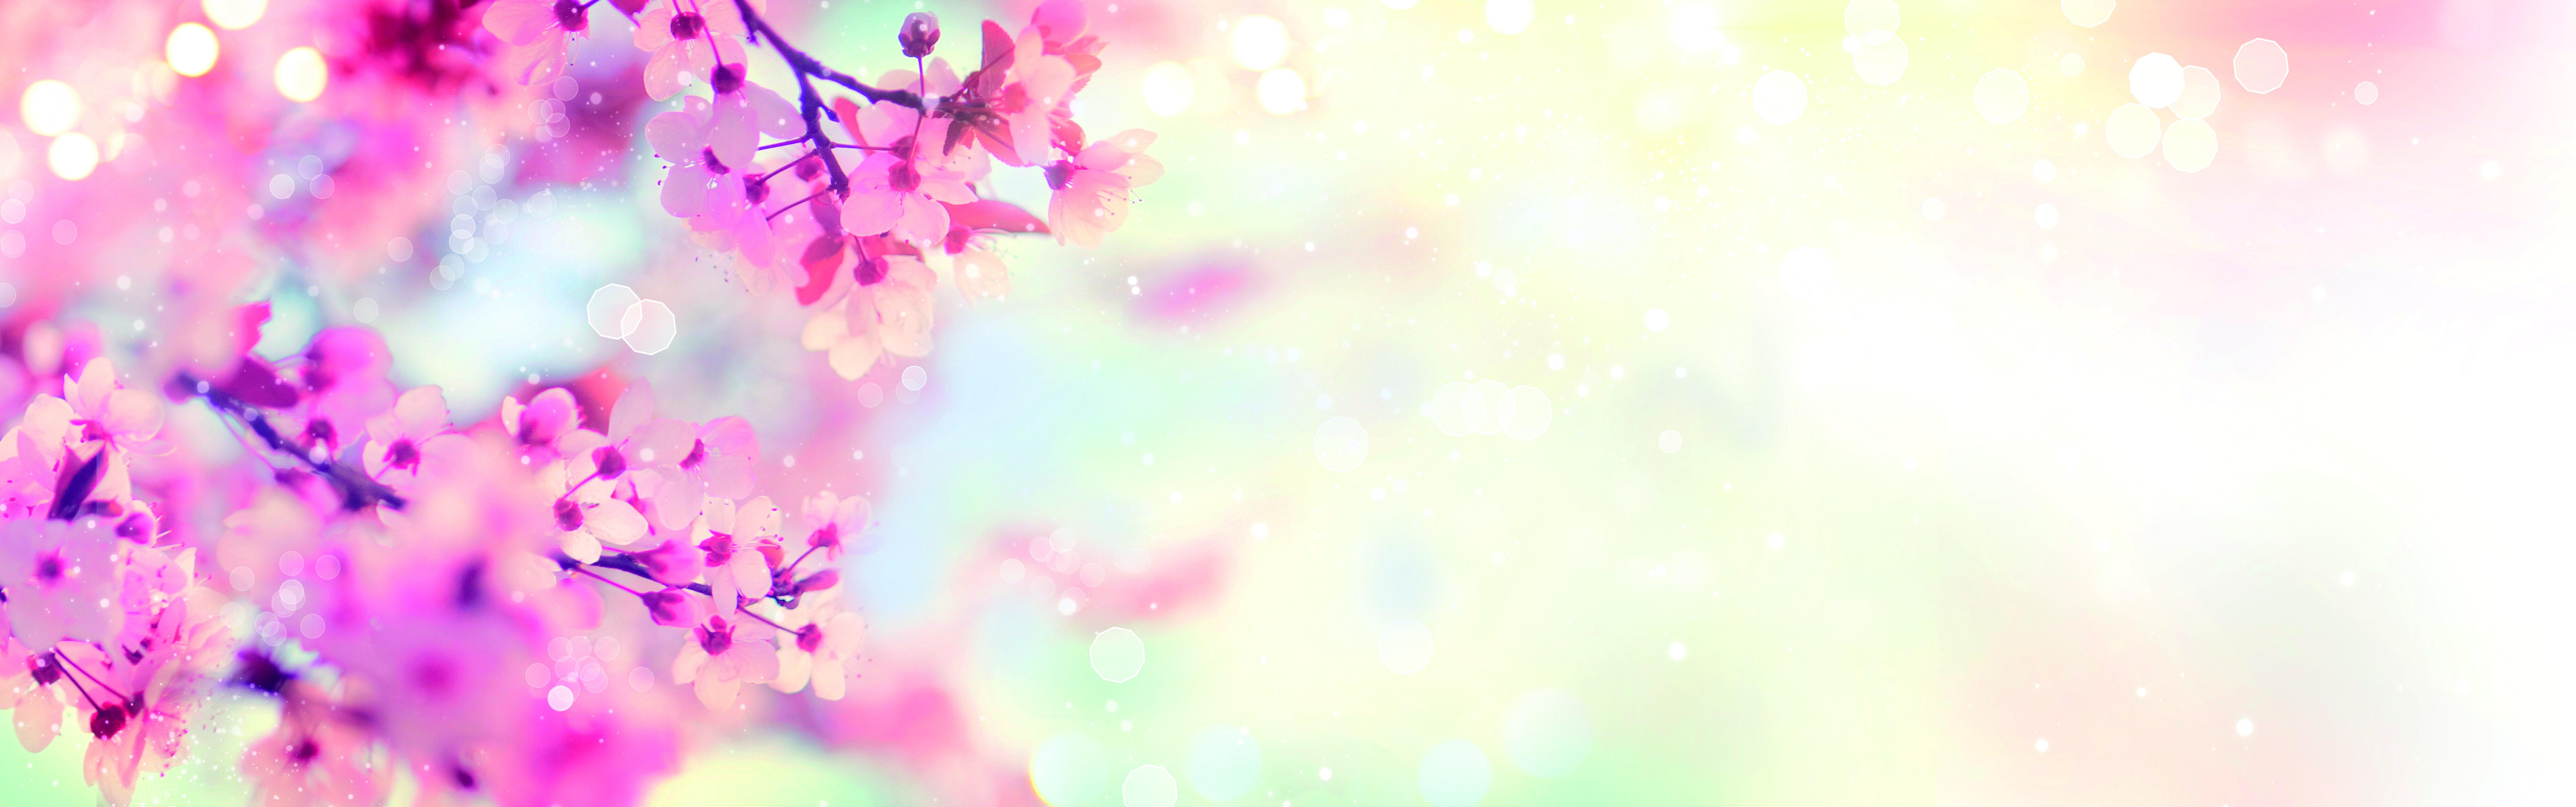 Sfondo con fiori di pesco nell'angolo destro